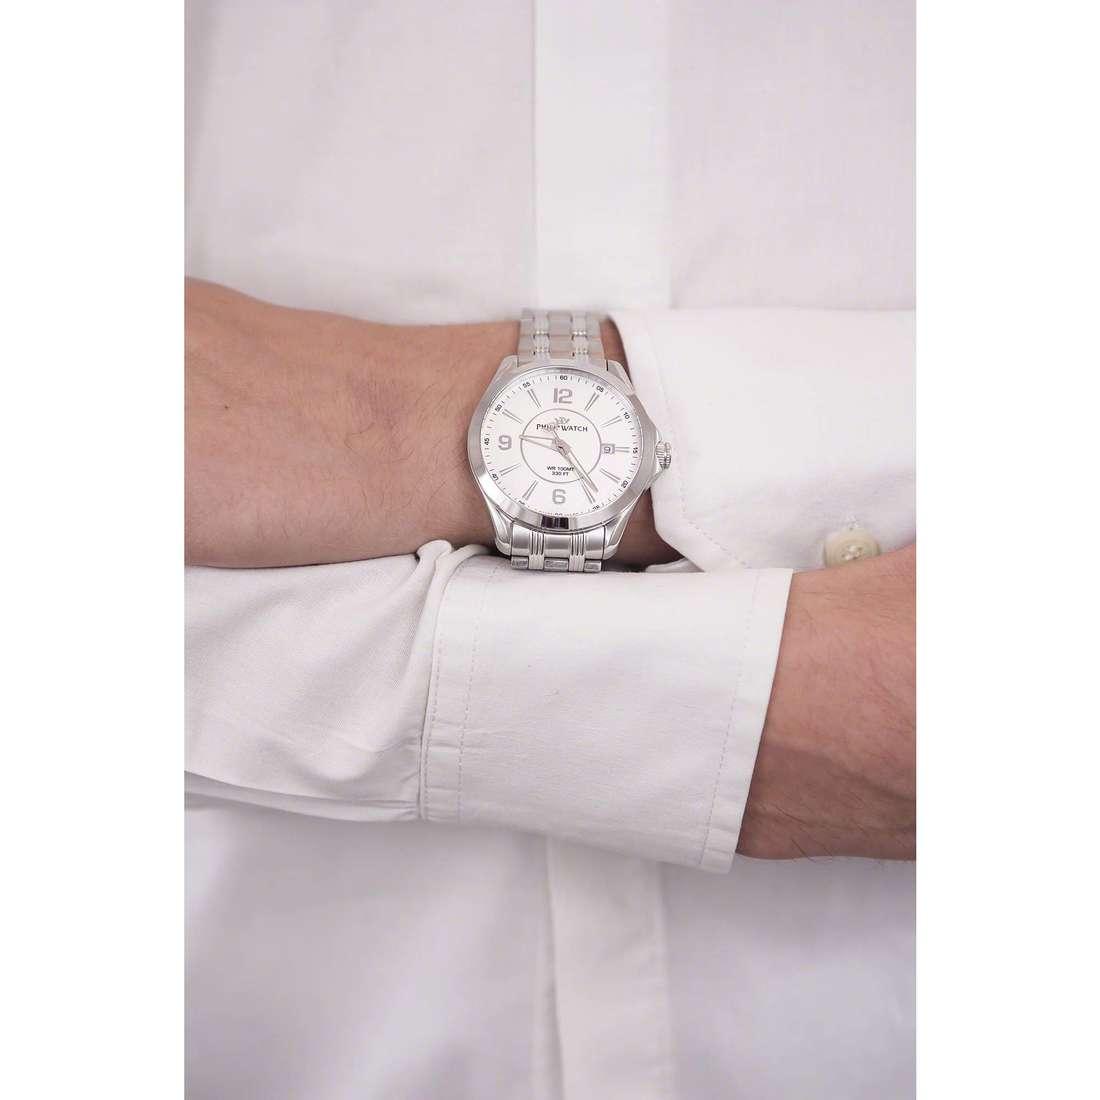 Philip Watch solo tempo Blaze uomo R8253165002 indosso